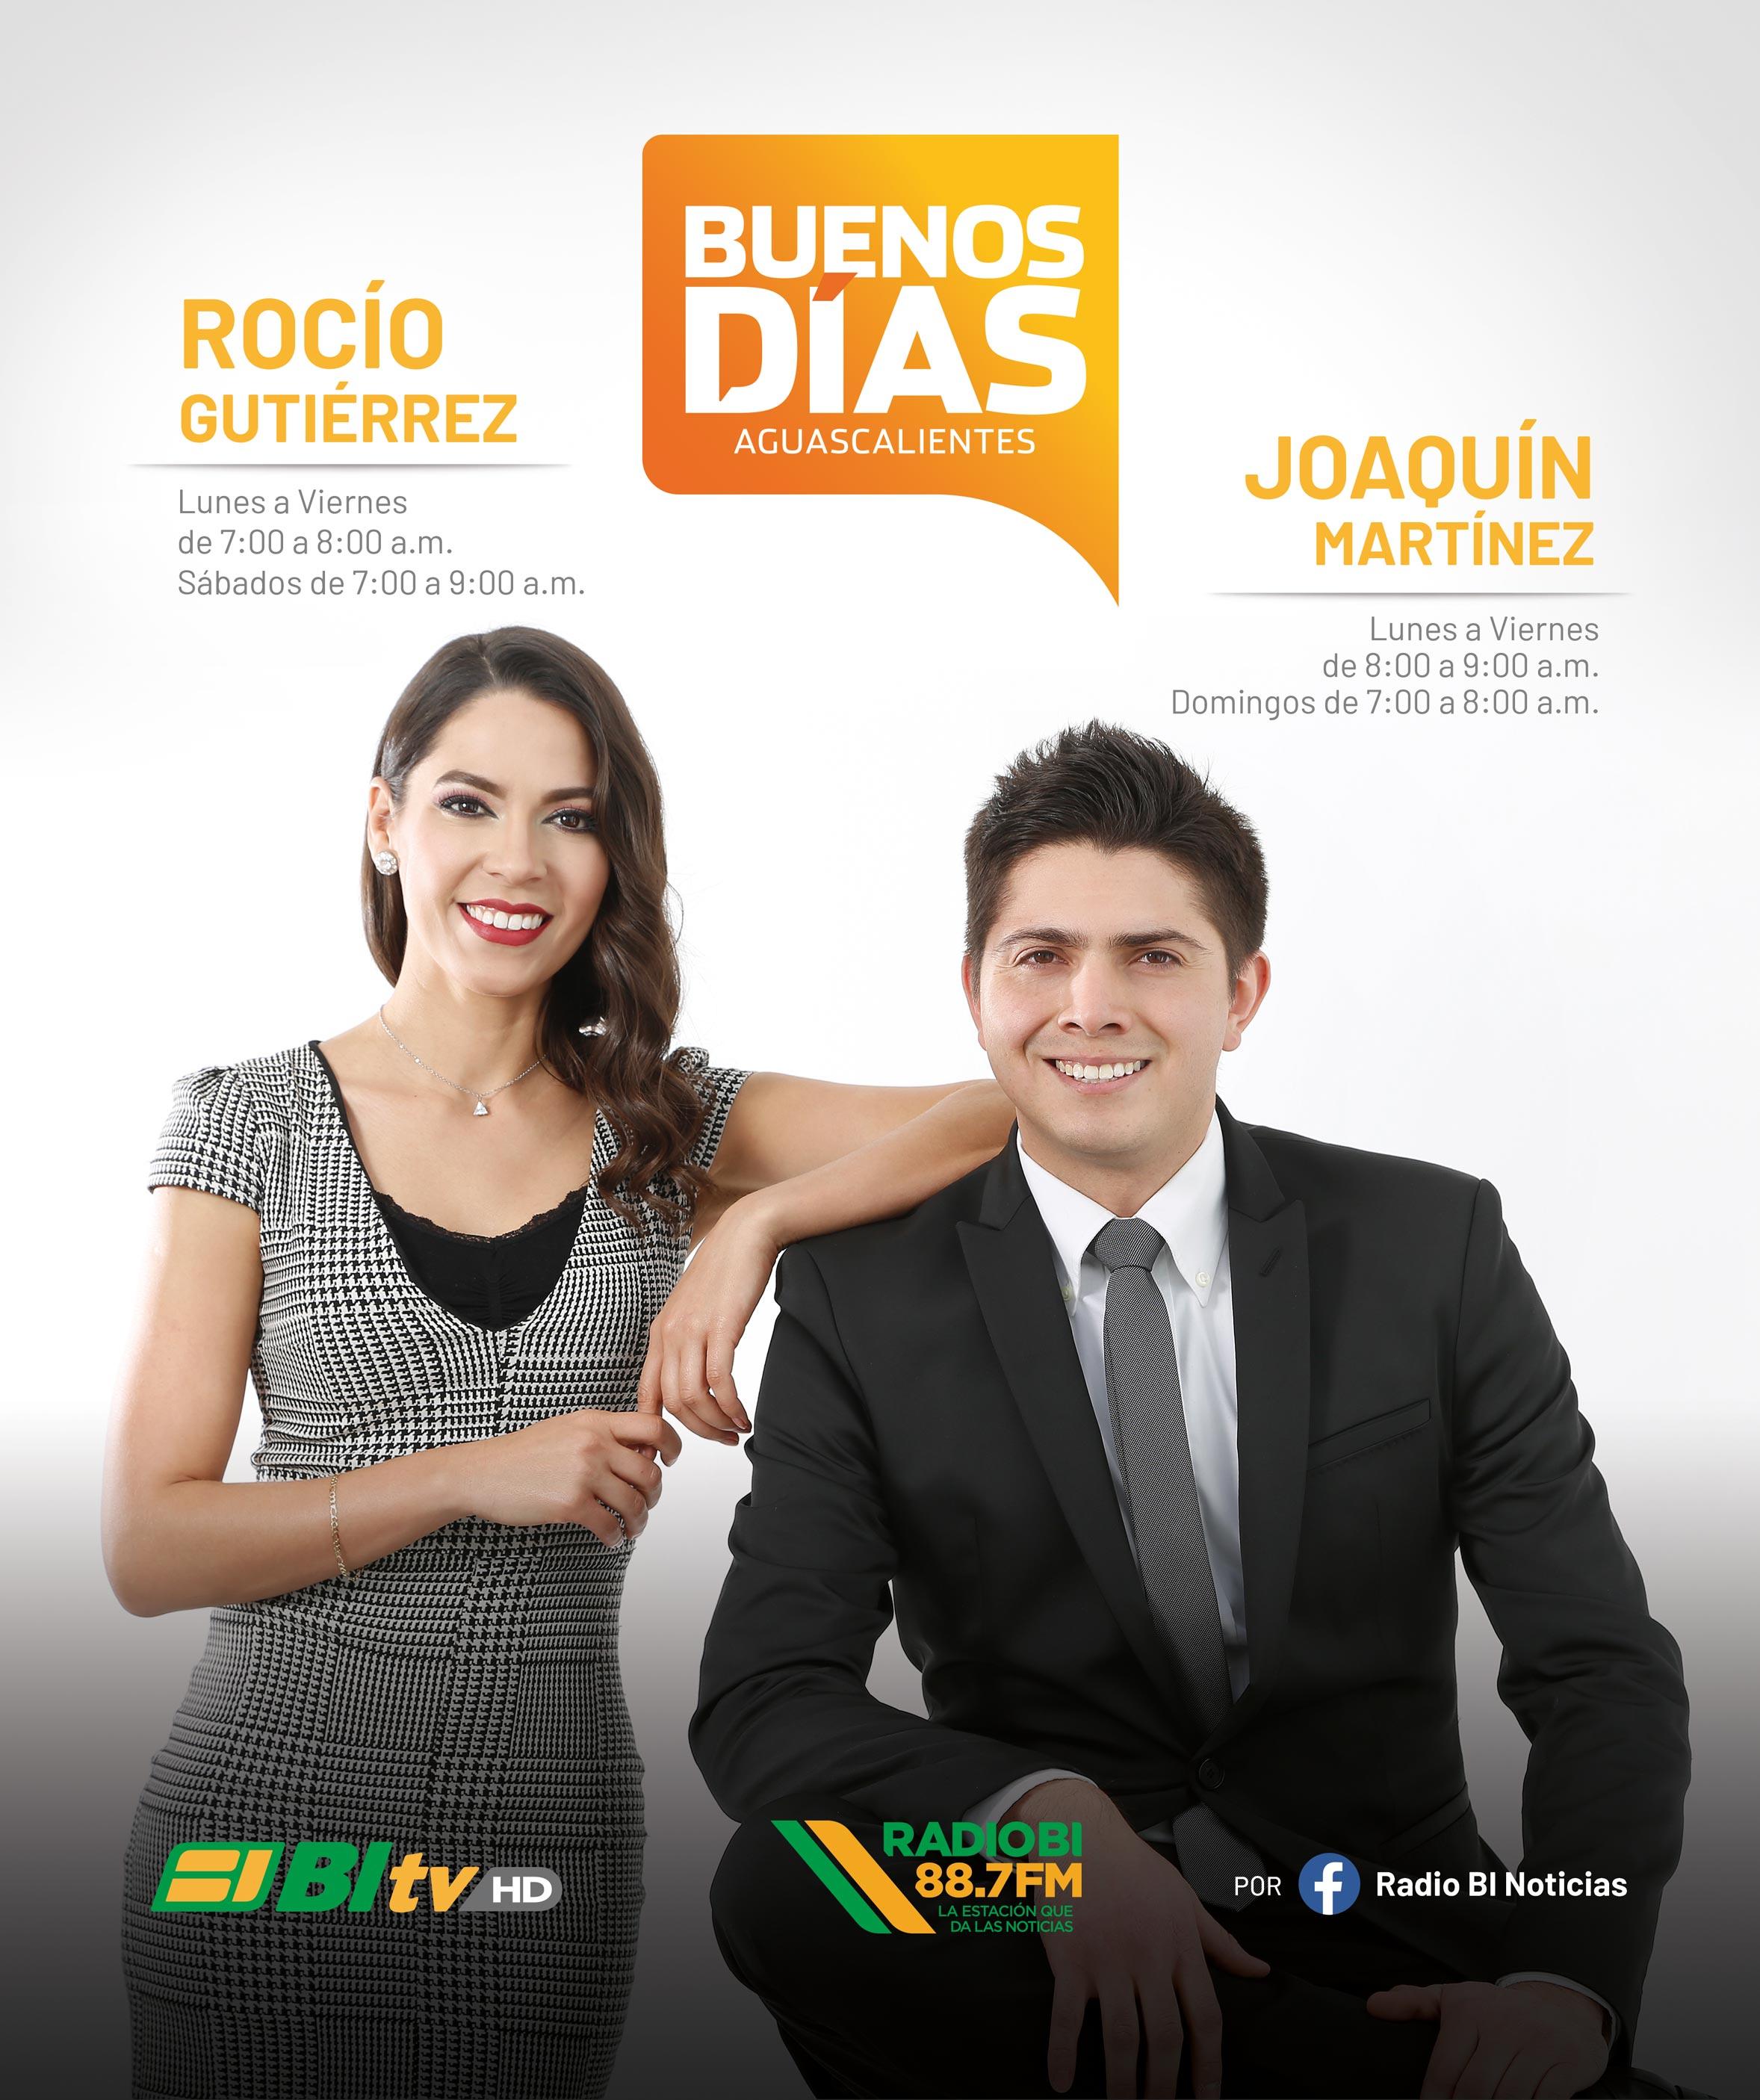 BUENOS-DIAS-AGUASCALIENTES